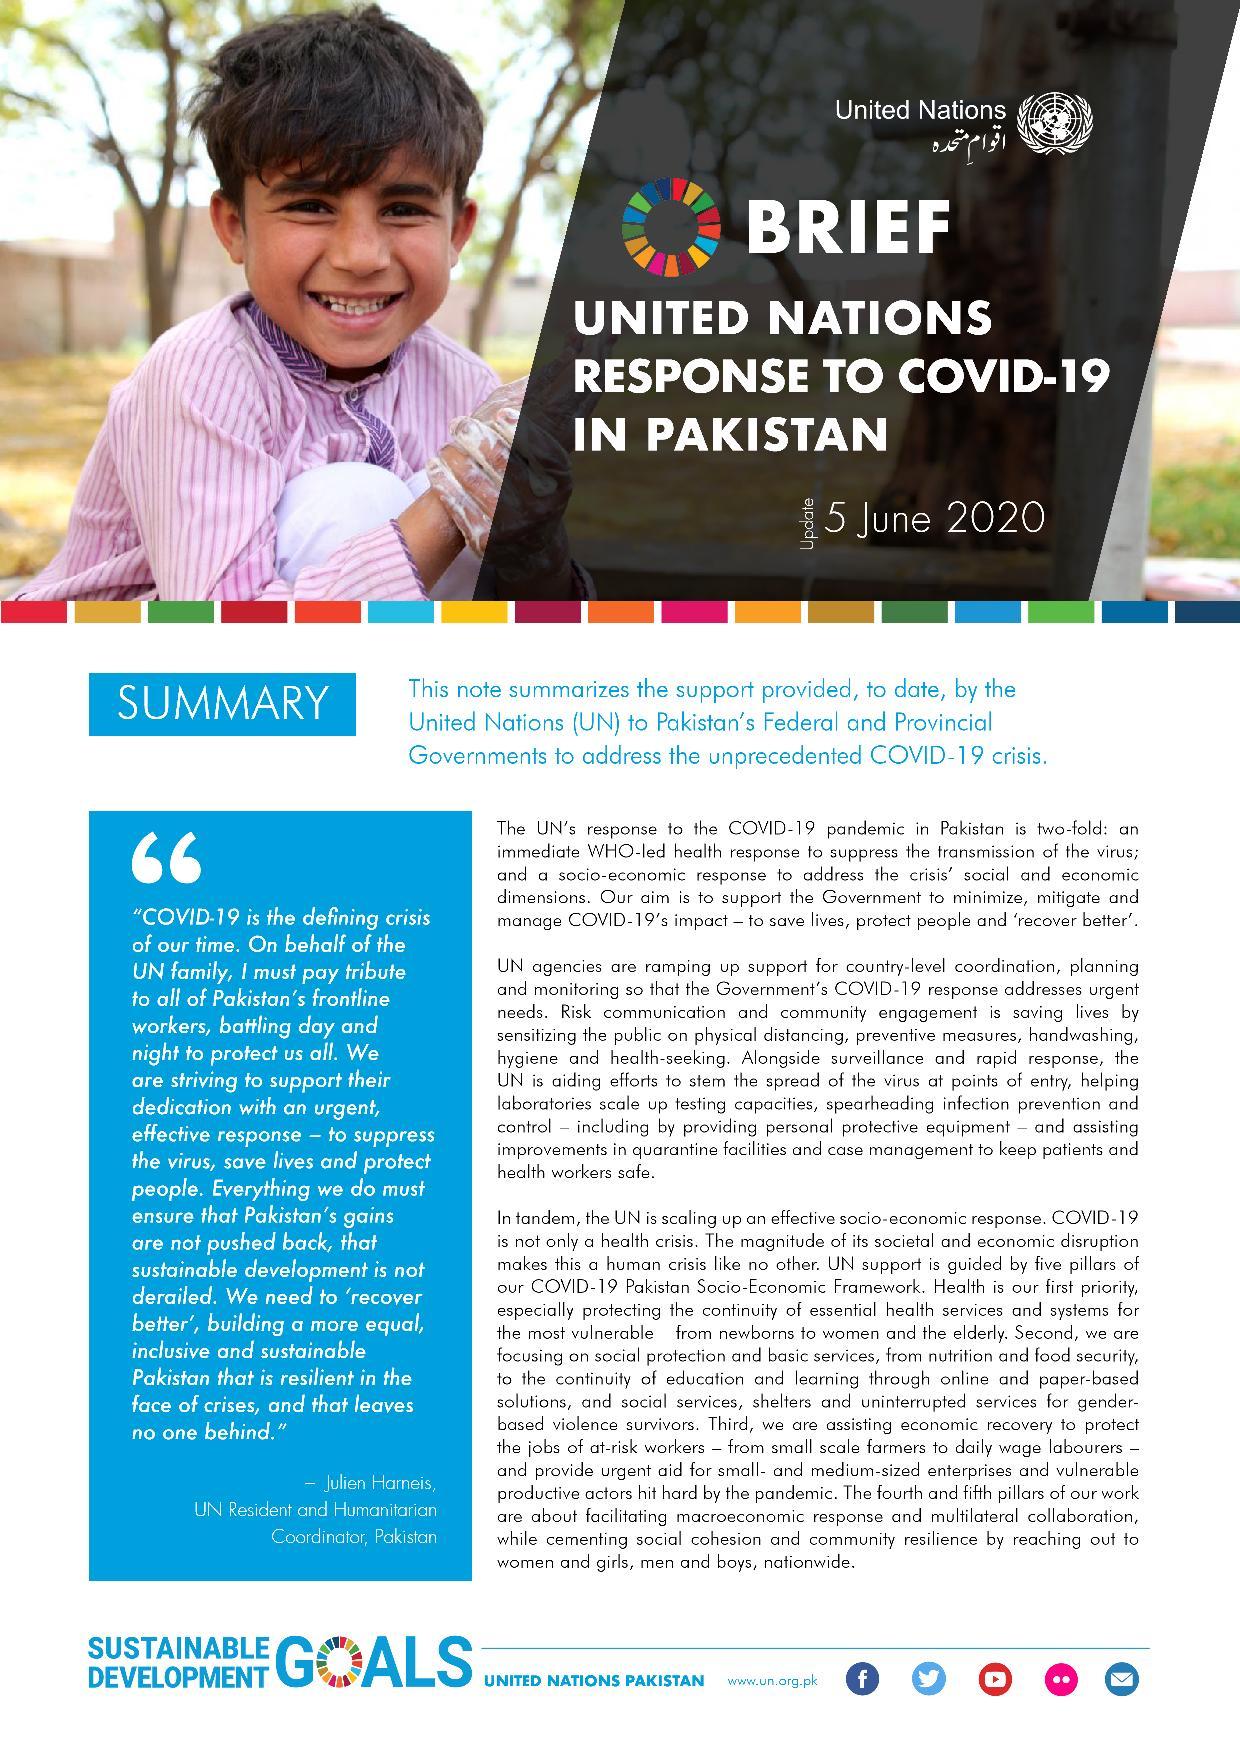 Brief: UN Reponse to COVID-19 in Pakistan